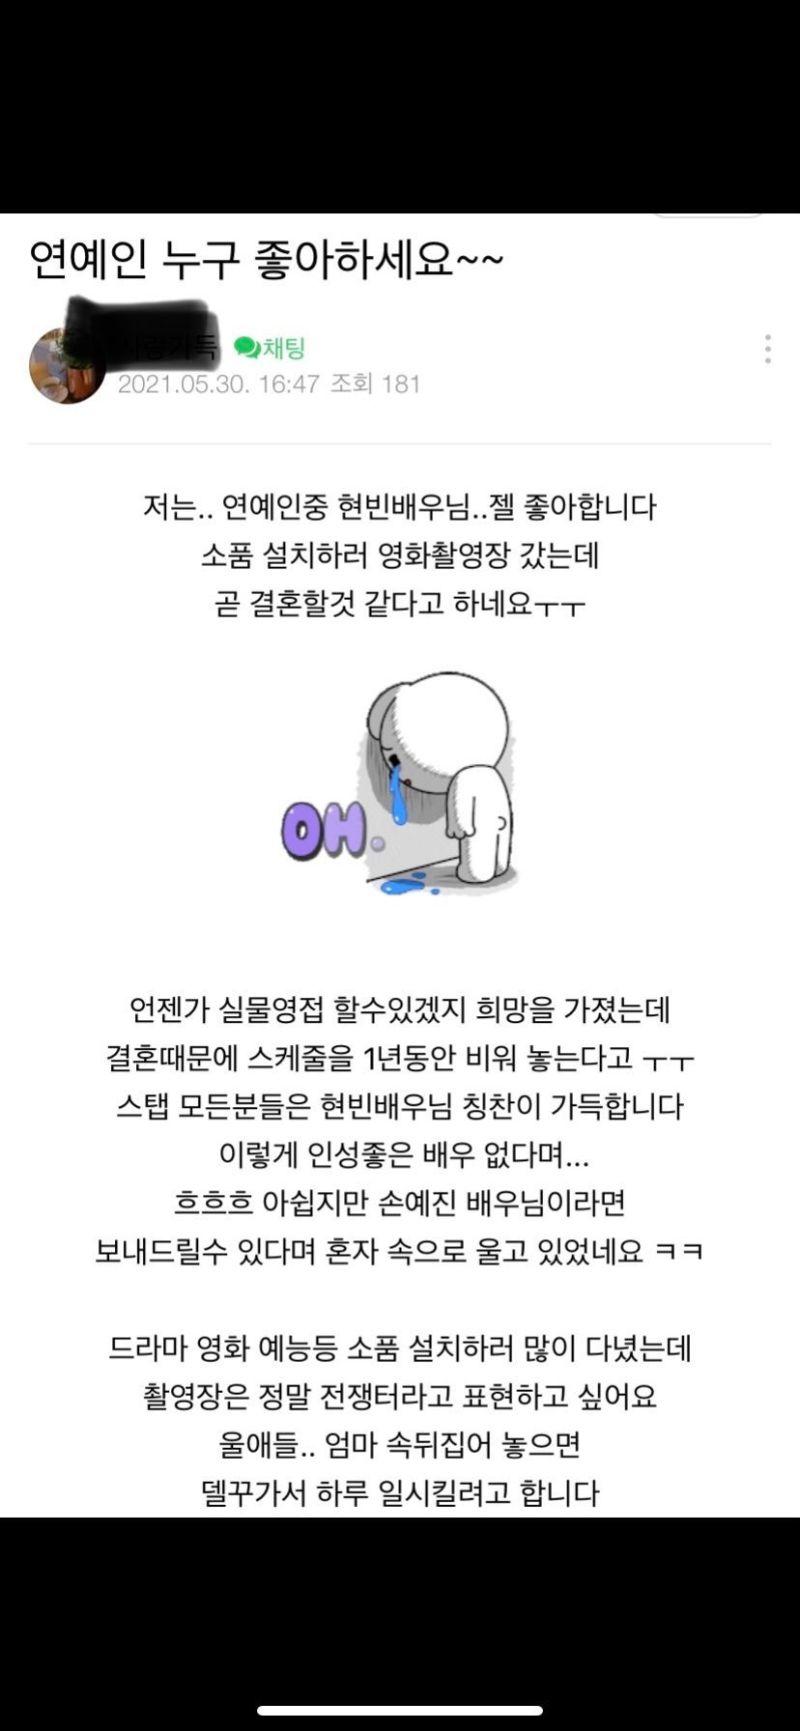 ▲一名劇組人員在論壇意外透露玄彬準備結婚。(圖/Naver)